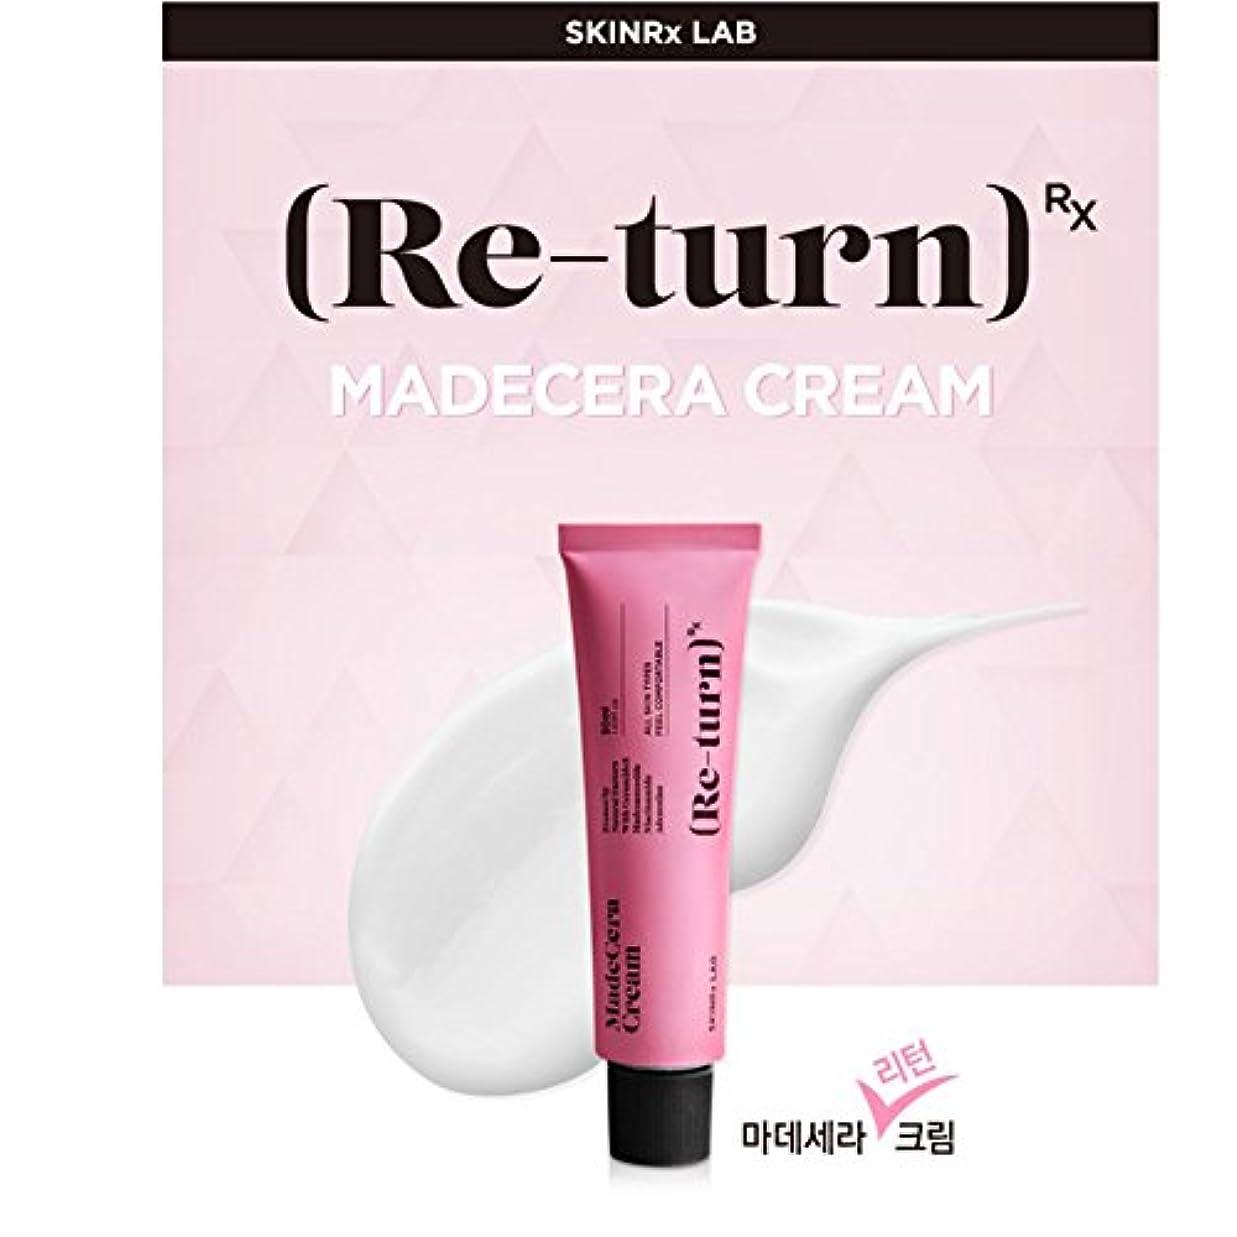 確執と組む商人スキンアルエクスラップ マデセラ リターン クリーム 50ml / SKINRxLAB MadeCera Re-turn Cream 50ml (1.69oz)